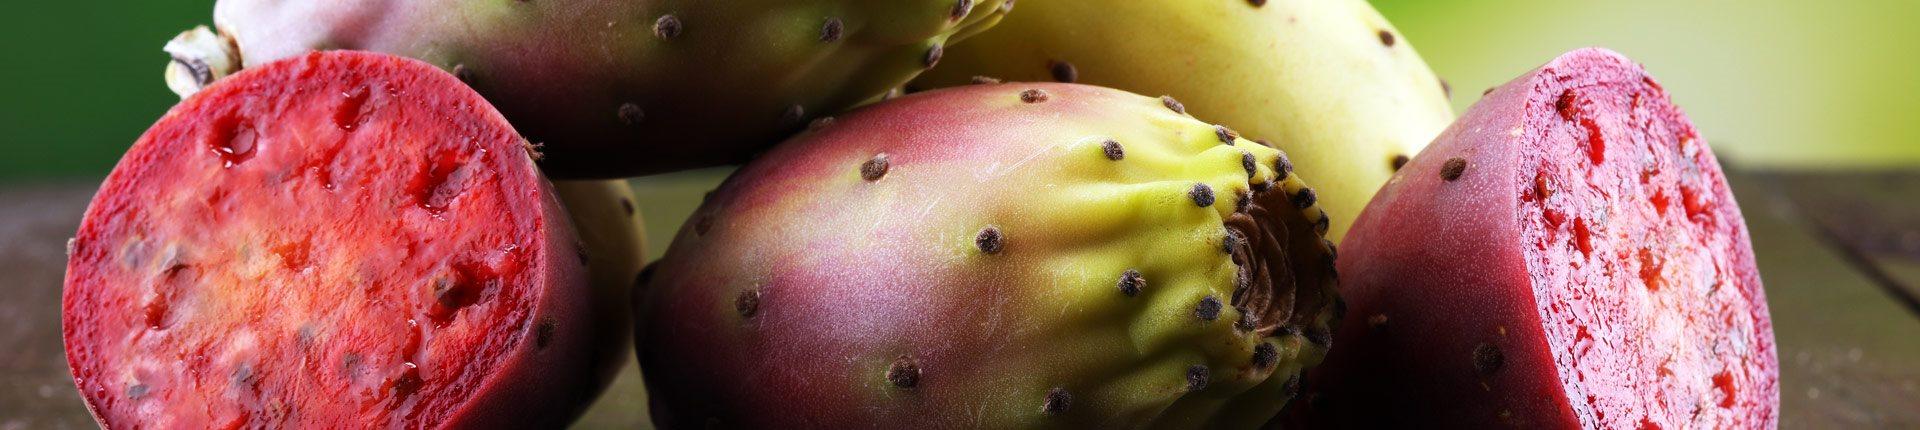 Opuncja figowa - wyjątkowe właściwości i zastosowanie